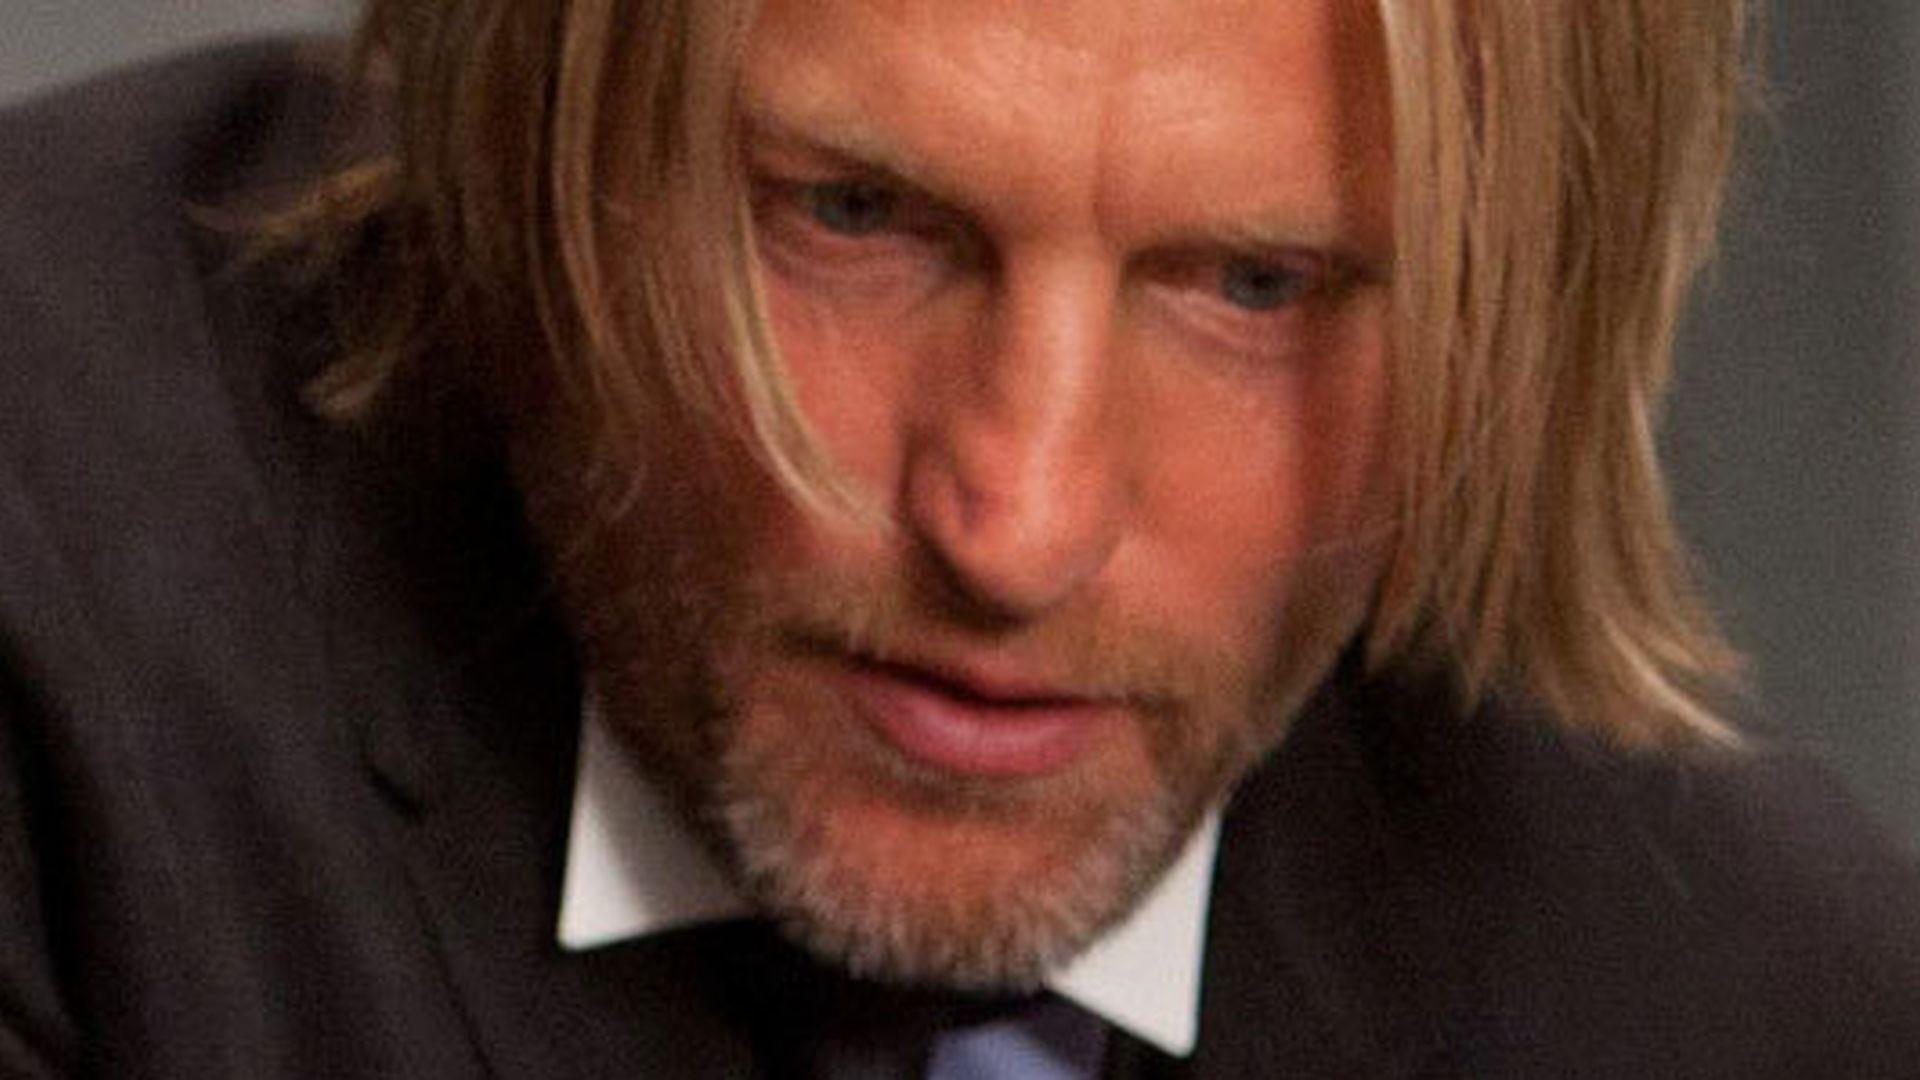 Deutscher Schauspieler Dunkelhaarig